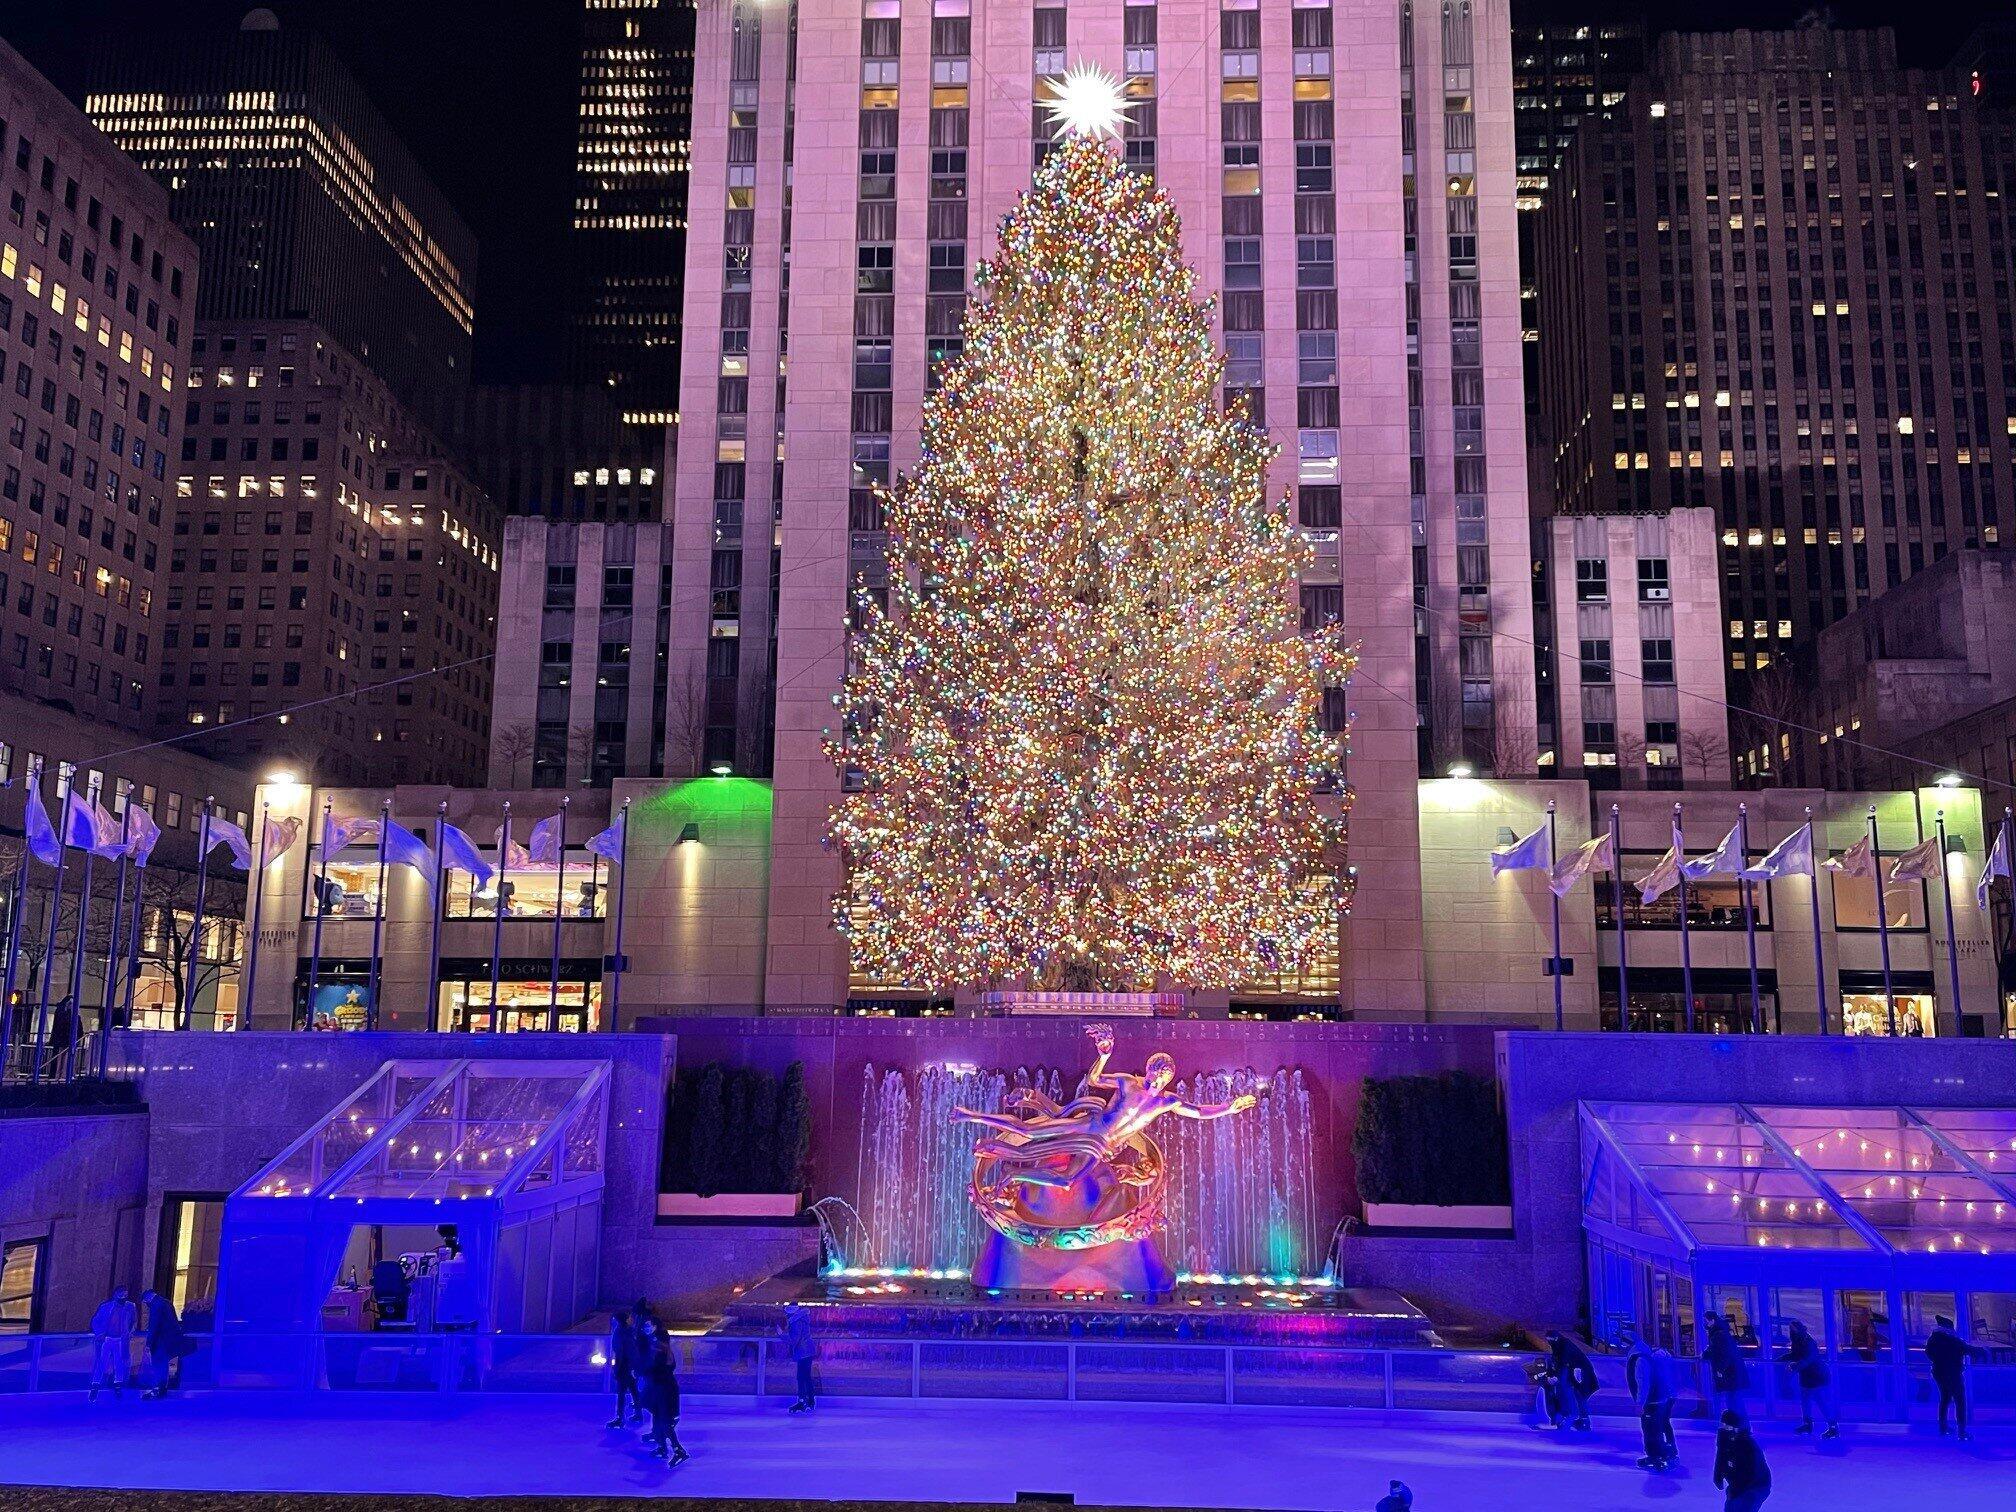 毎年恒例のニューヨーク・ロックフェラーセンターに置かれた巨大クリスマスツリー(2020年12月、筆者撮影)